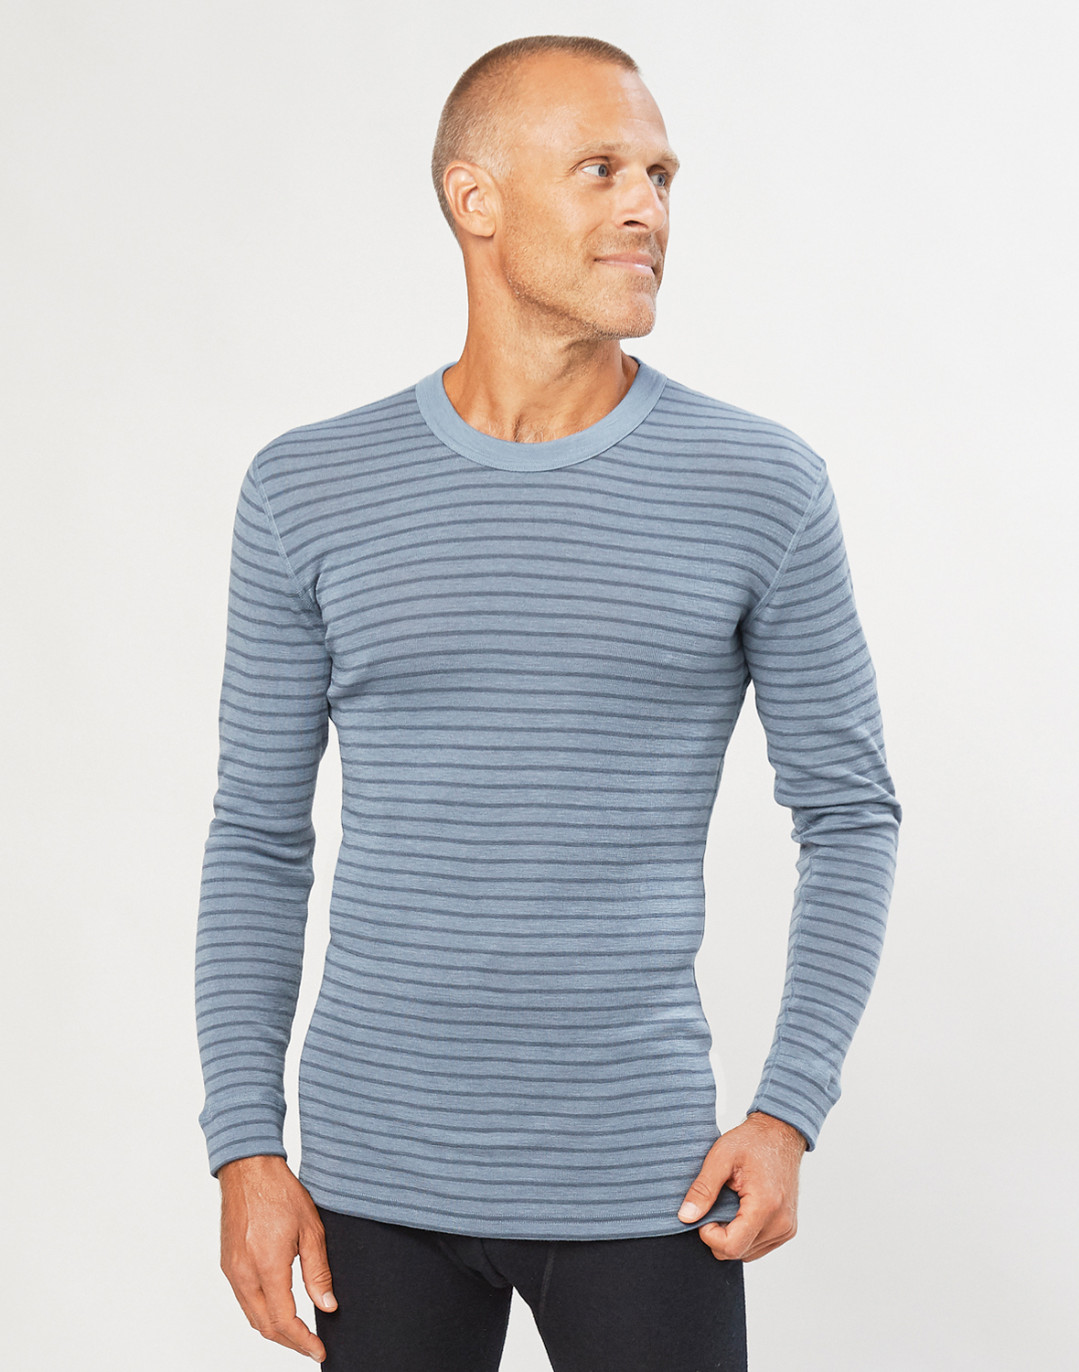 Merino Langarmshirt für Herren blau gestreift